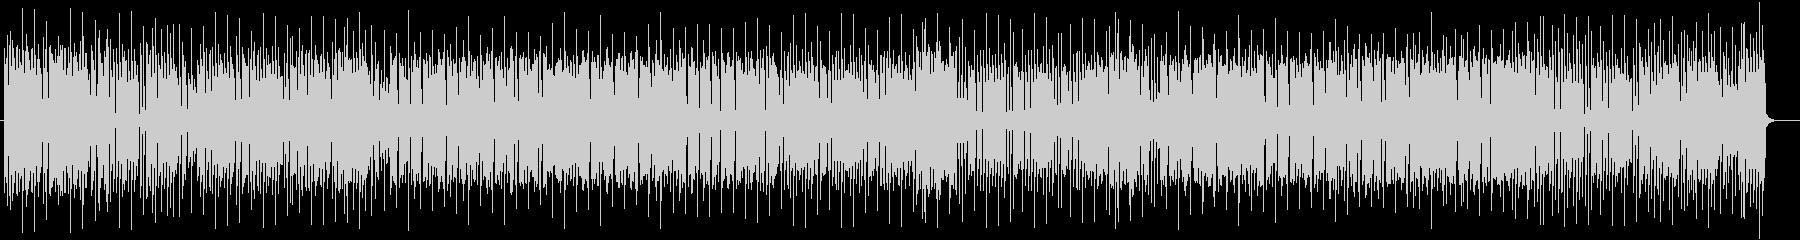 穏やかでリズミカルな木琴ポップスの未再生の波形